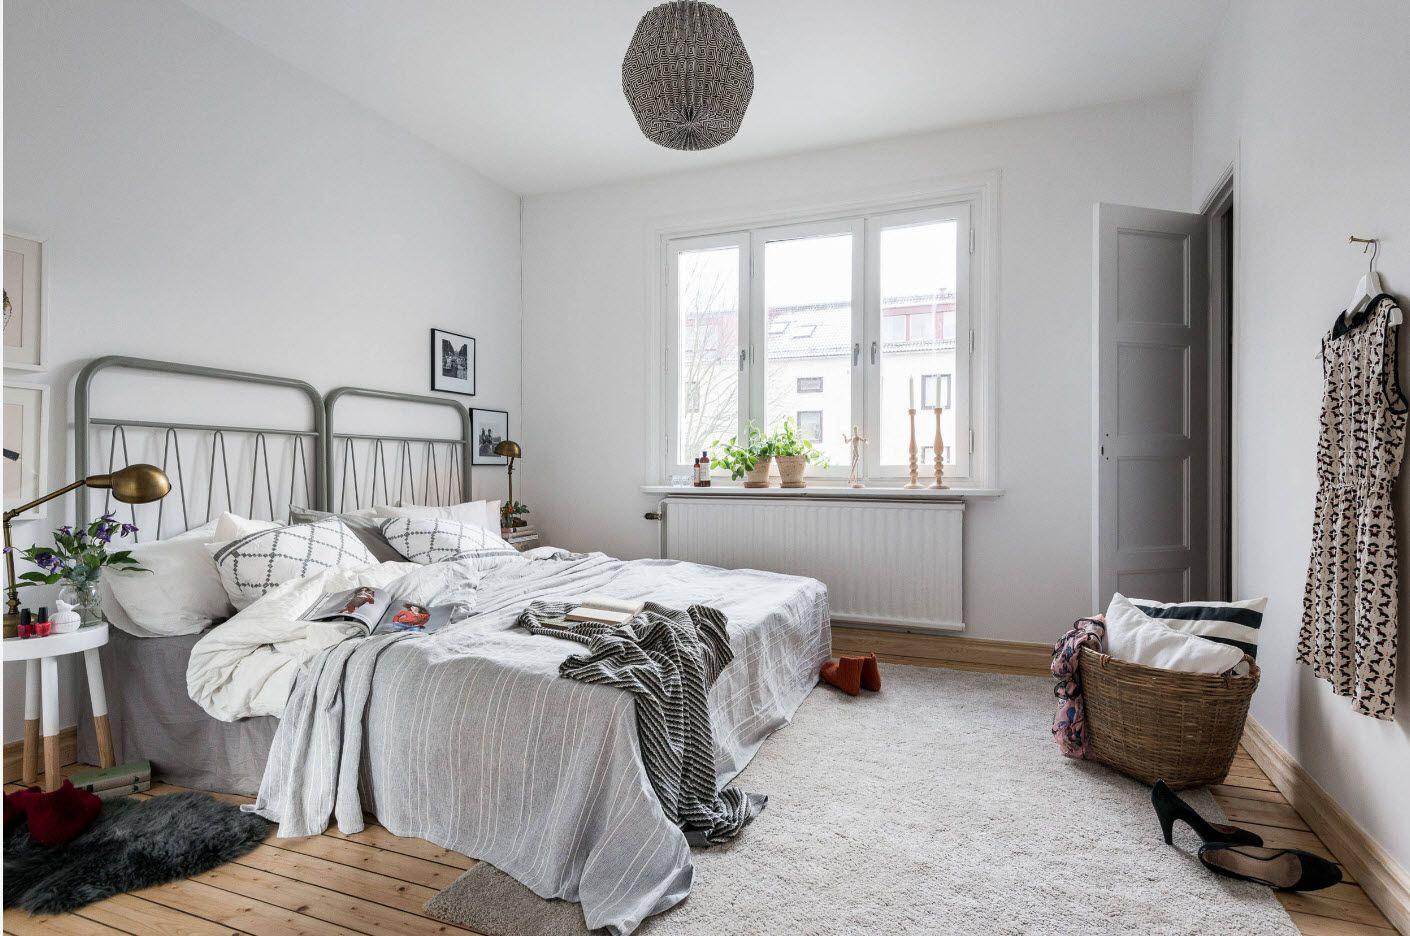 door1 Scandinavian bedroom ideas that will inspire you to remodel